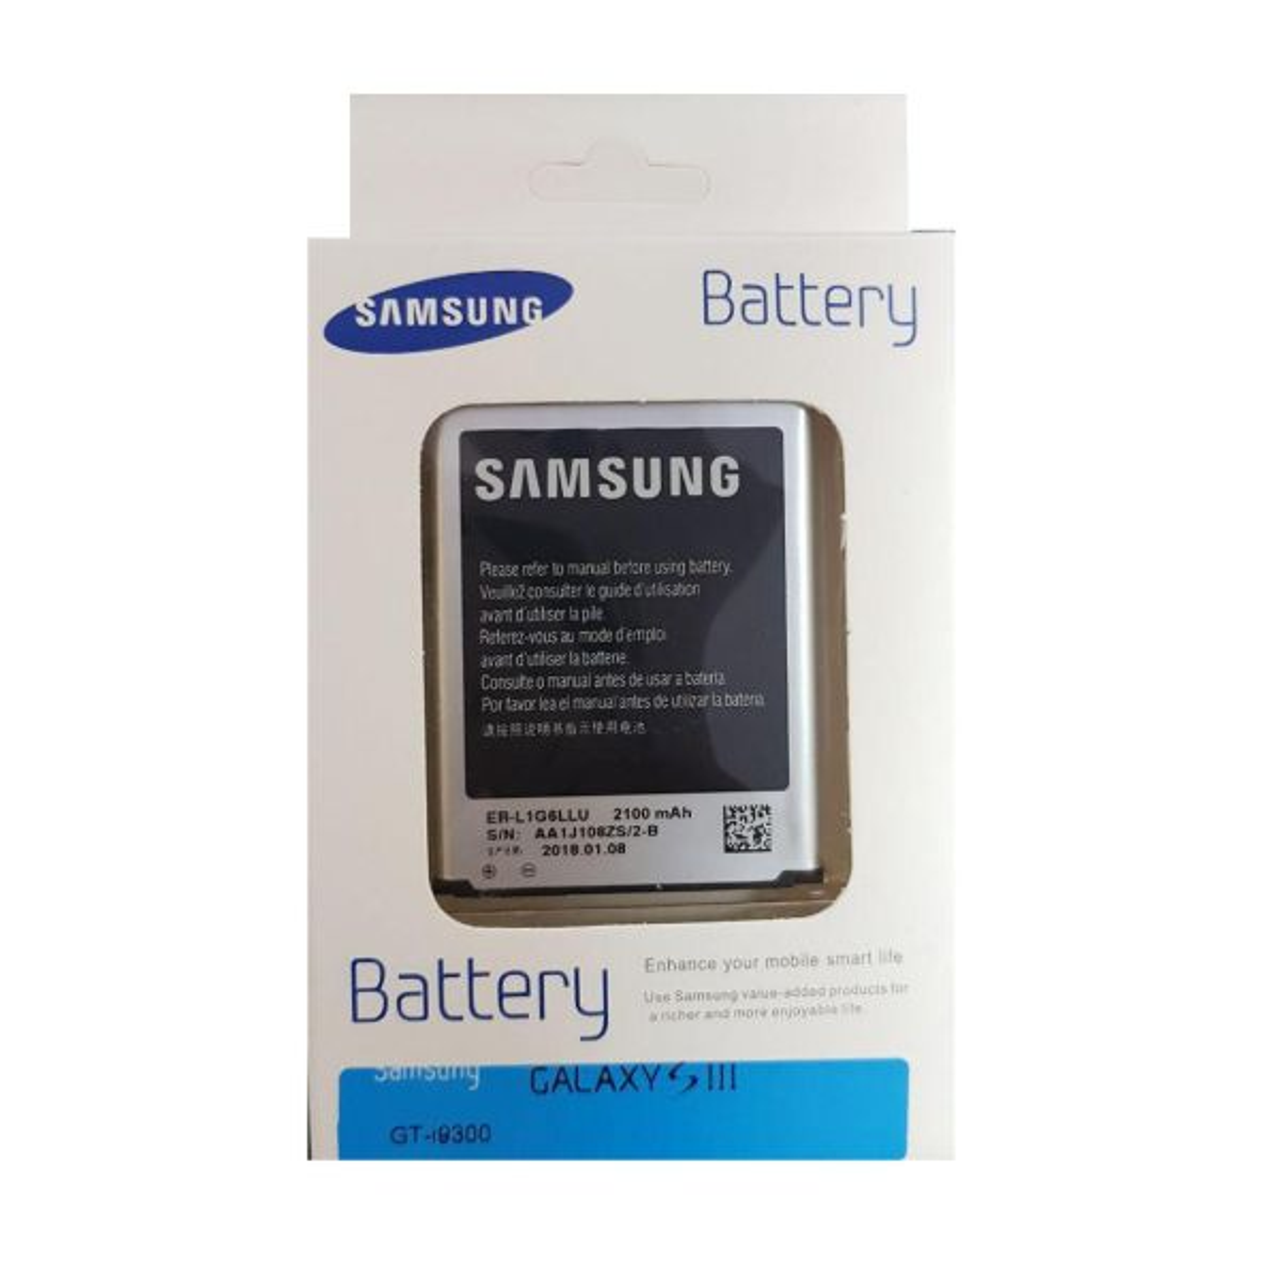 باتری موبایل مدل  EB-L1G6LLU مناسب برای گوشی موبایل GALAXY S3